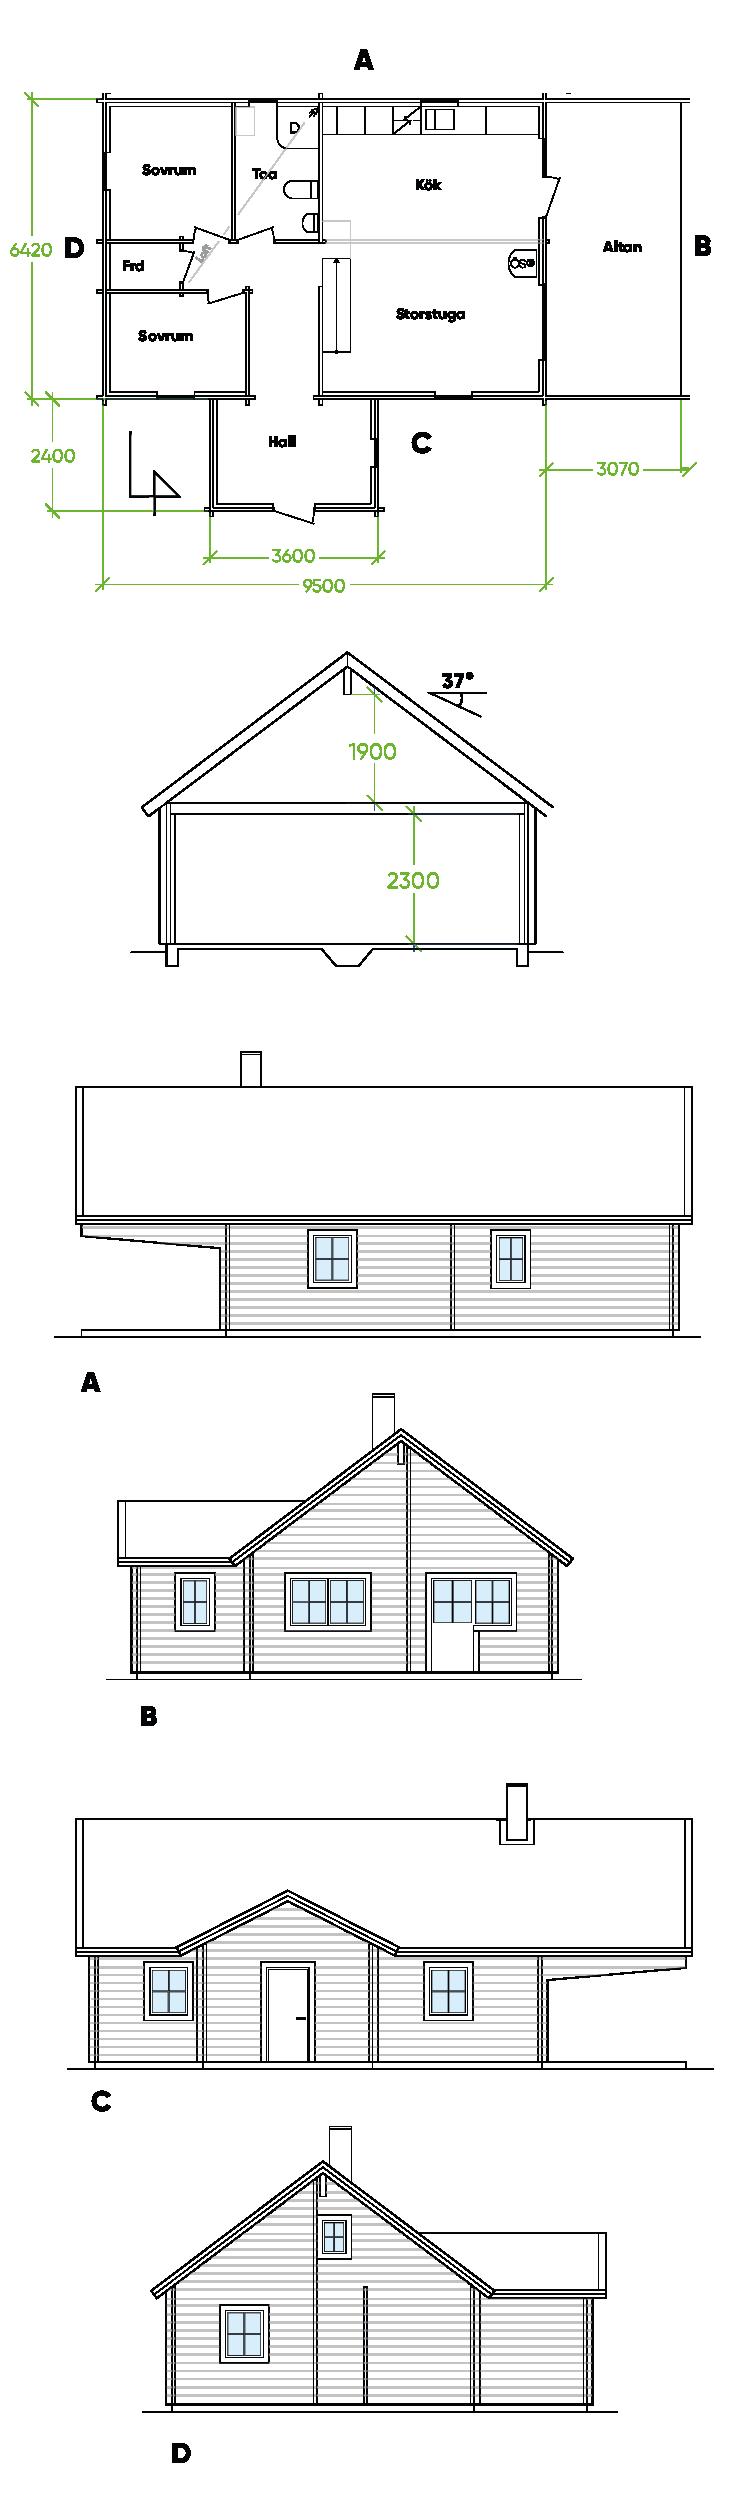 Planritning Bygg och trä - Falmark